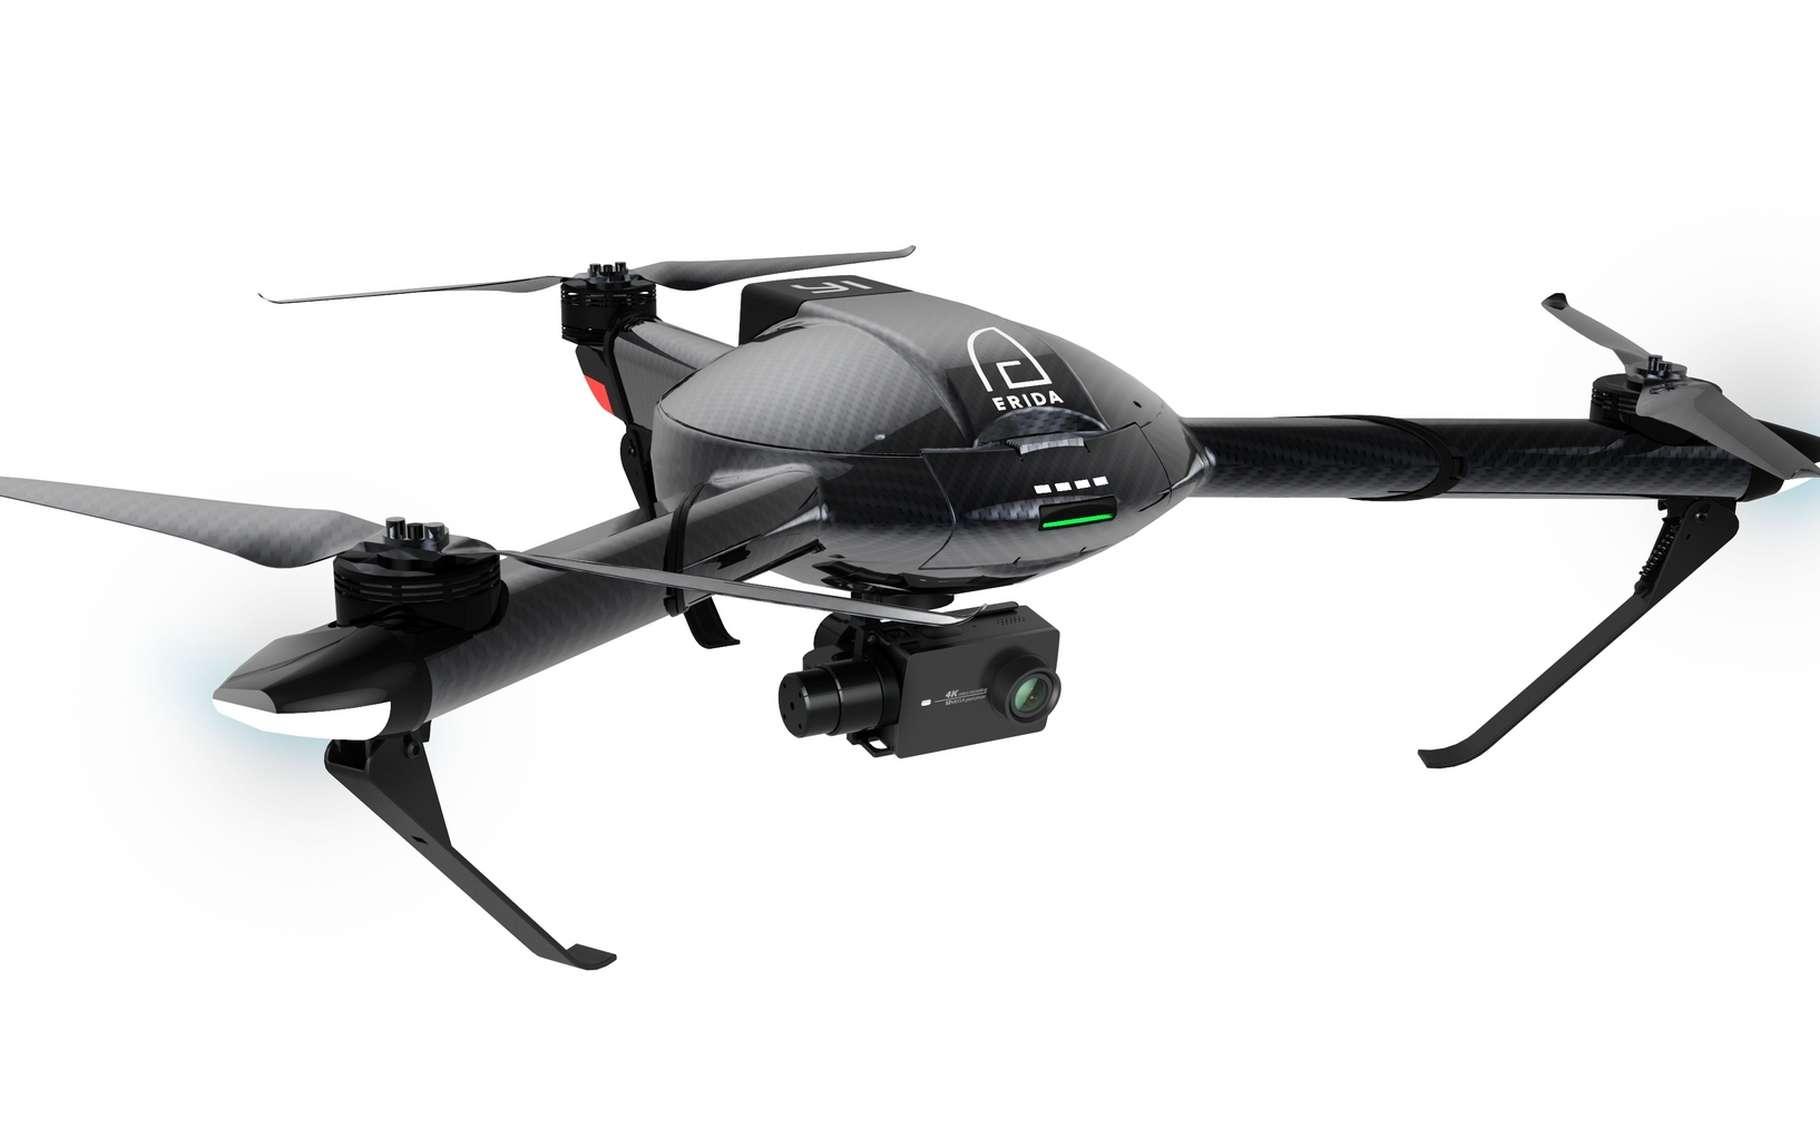 Outre sa pointe de vitesse record, le drone tricoptère YI Erida dispose d'une caméra motorisée qui filme en Ultra HD à 30 images/seconde. © YI Technology